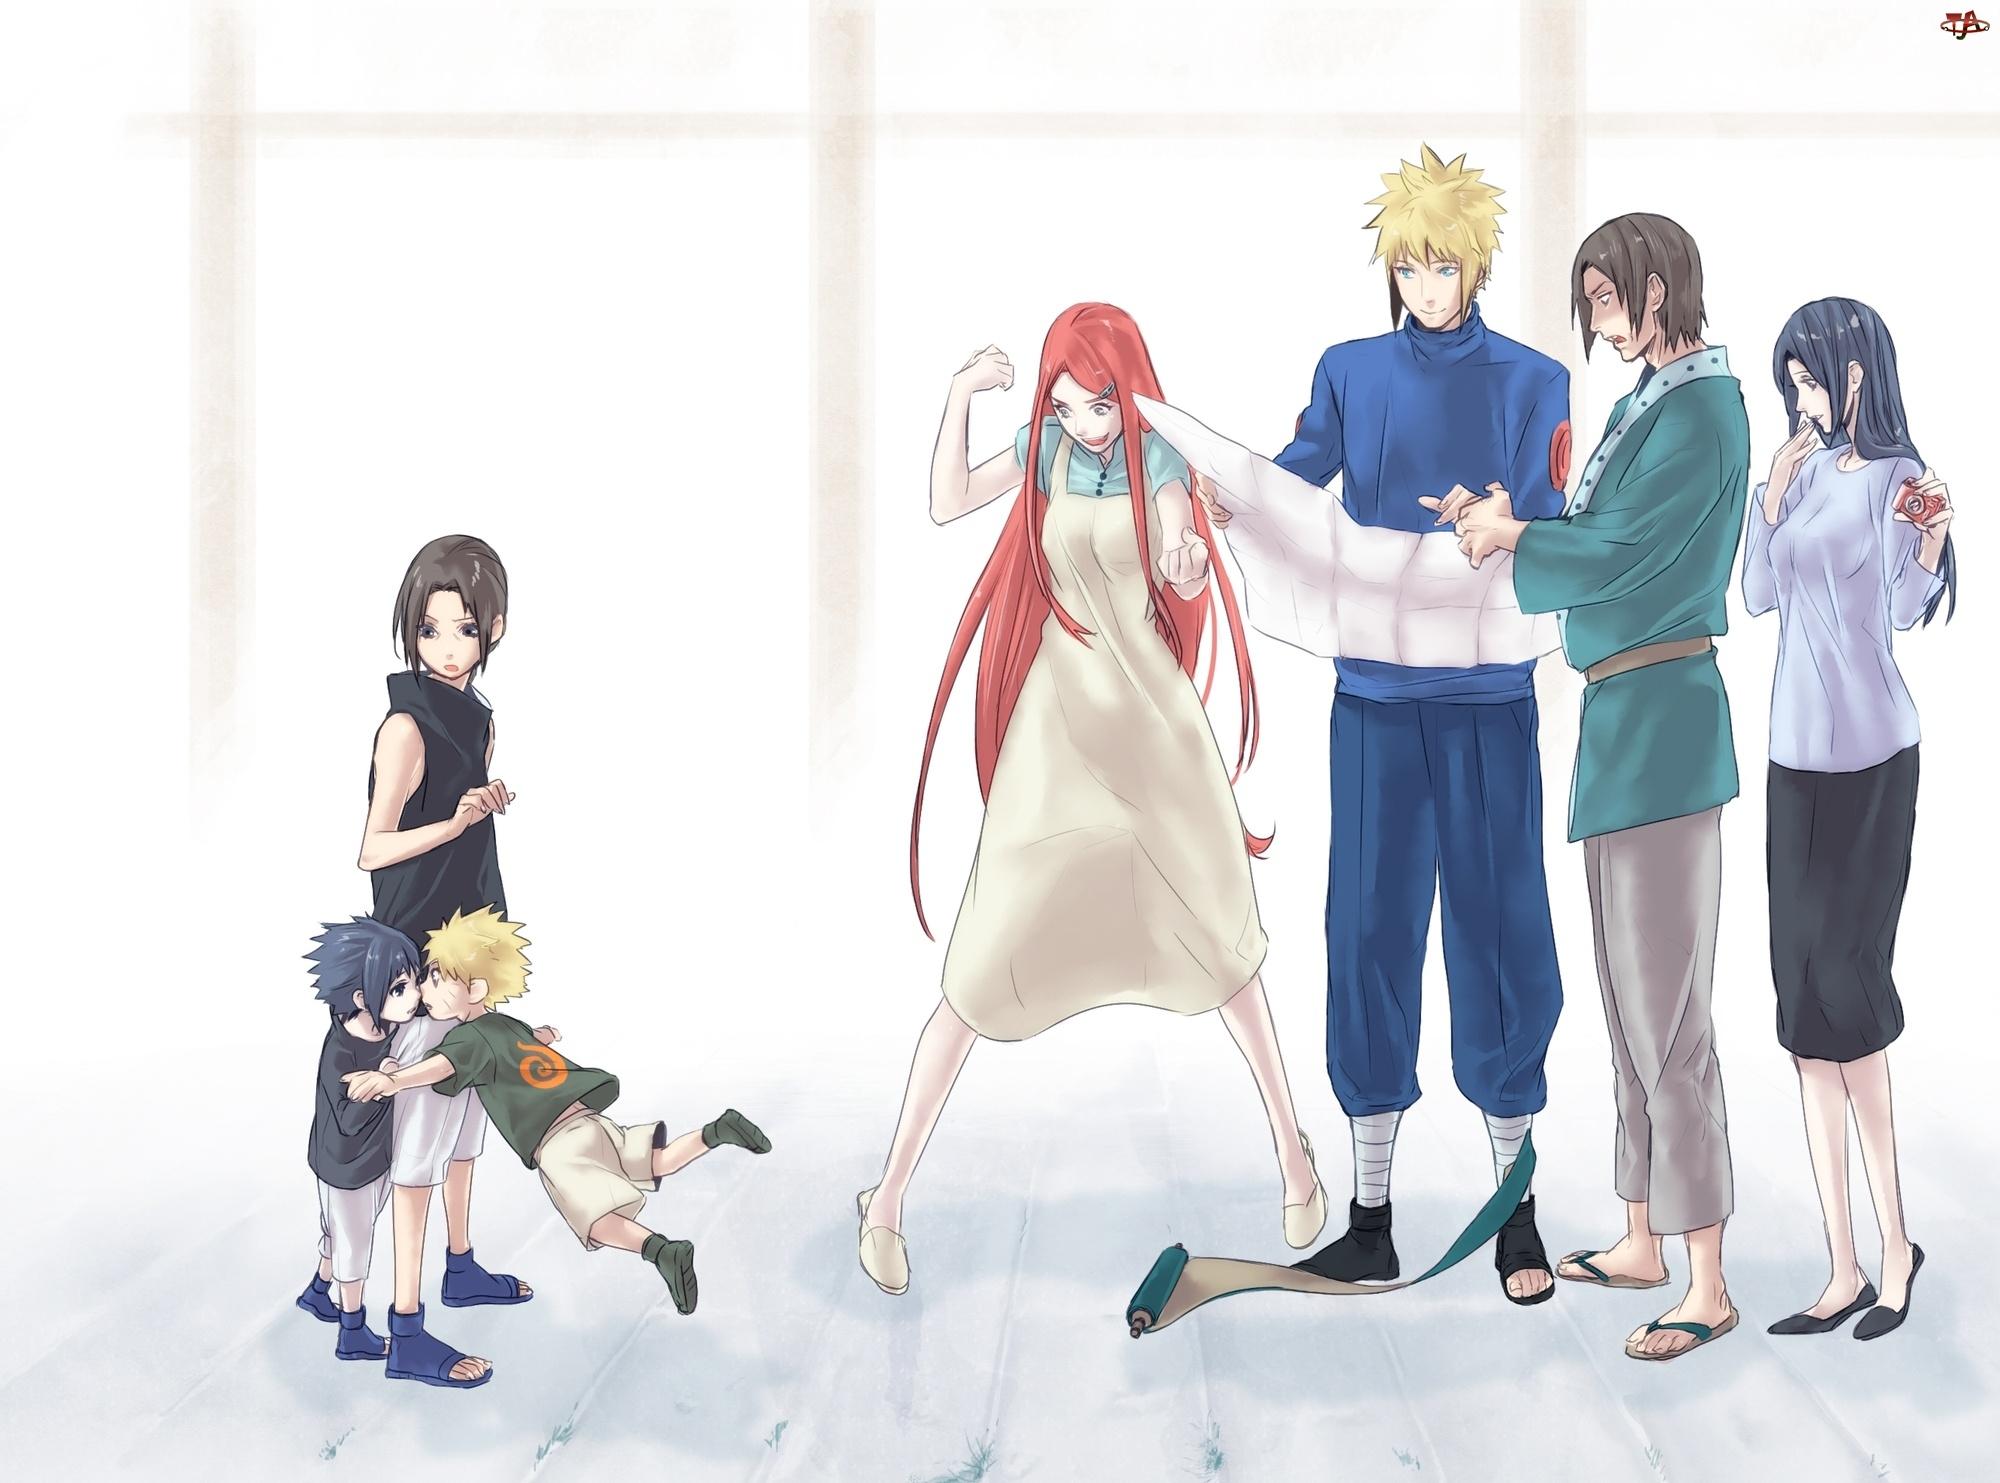 Itachi, Naruto, Sasuke